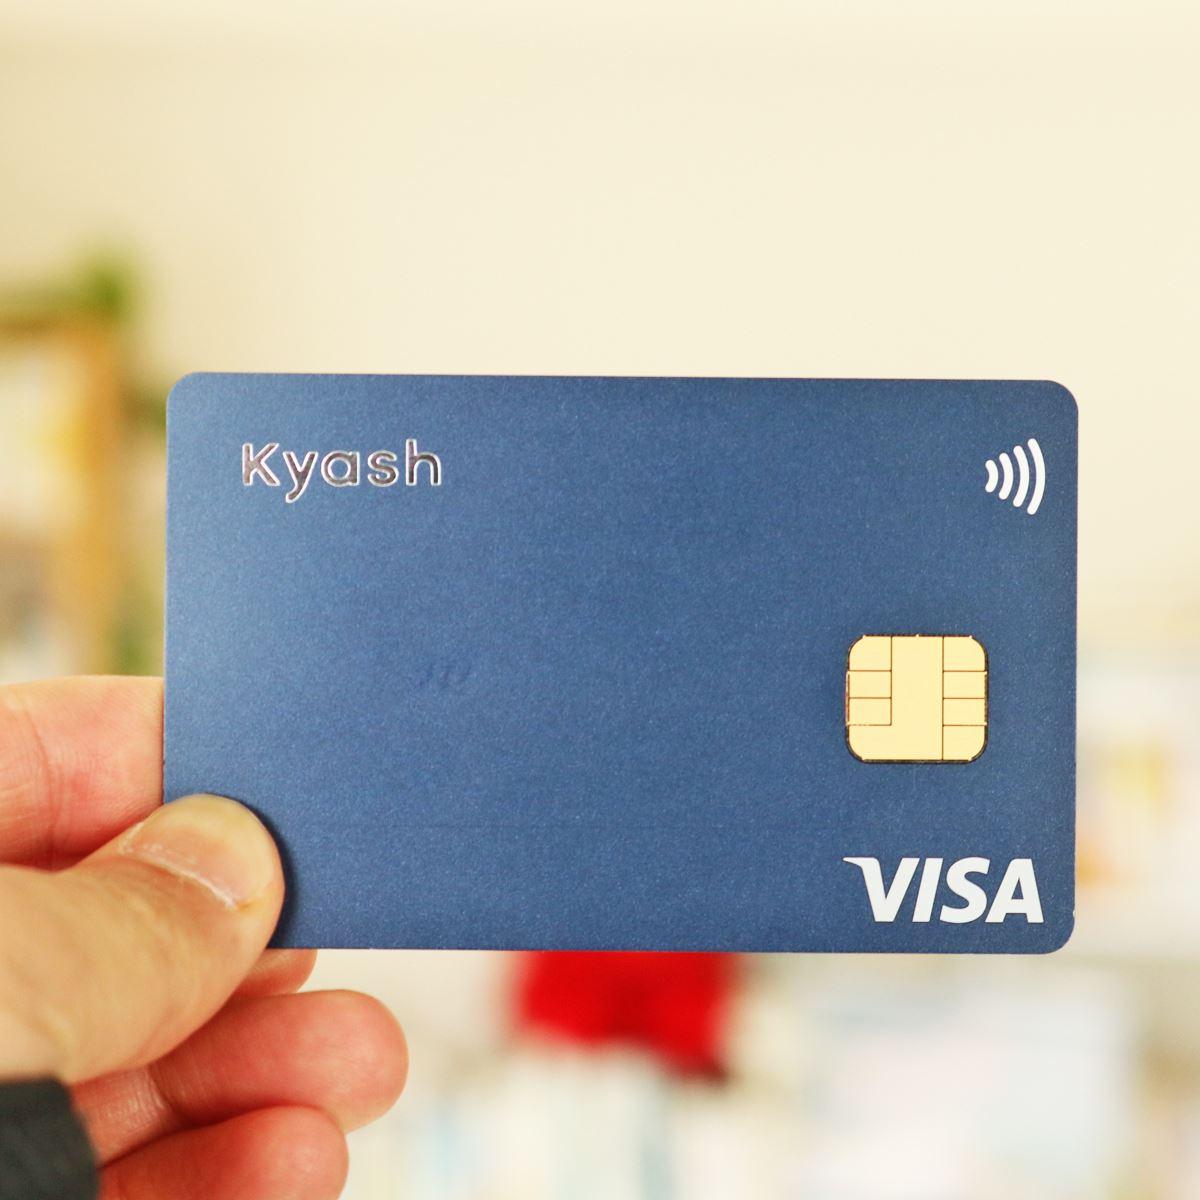 おすすめ デビット カード